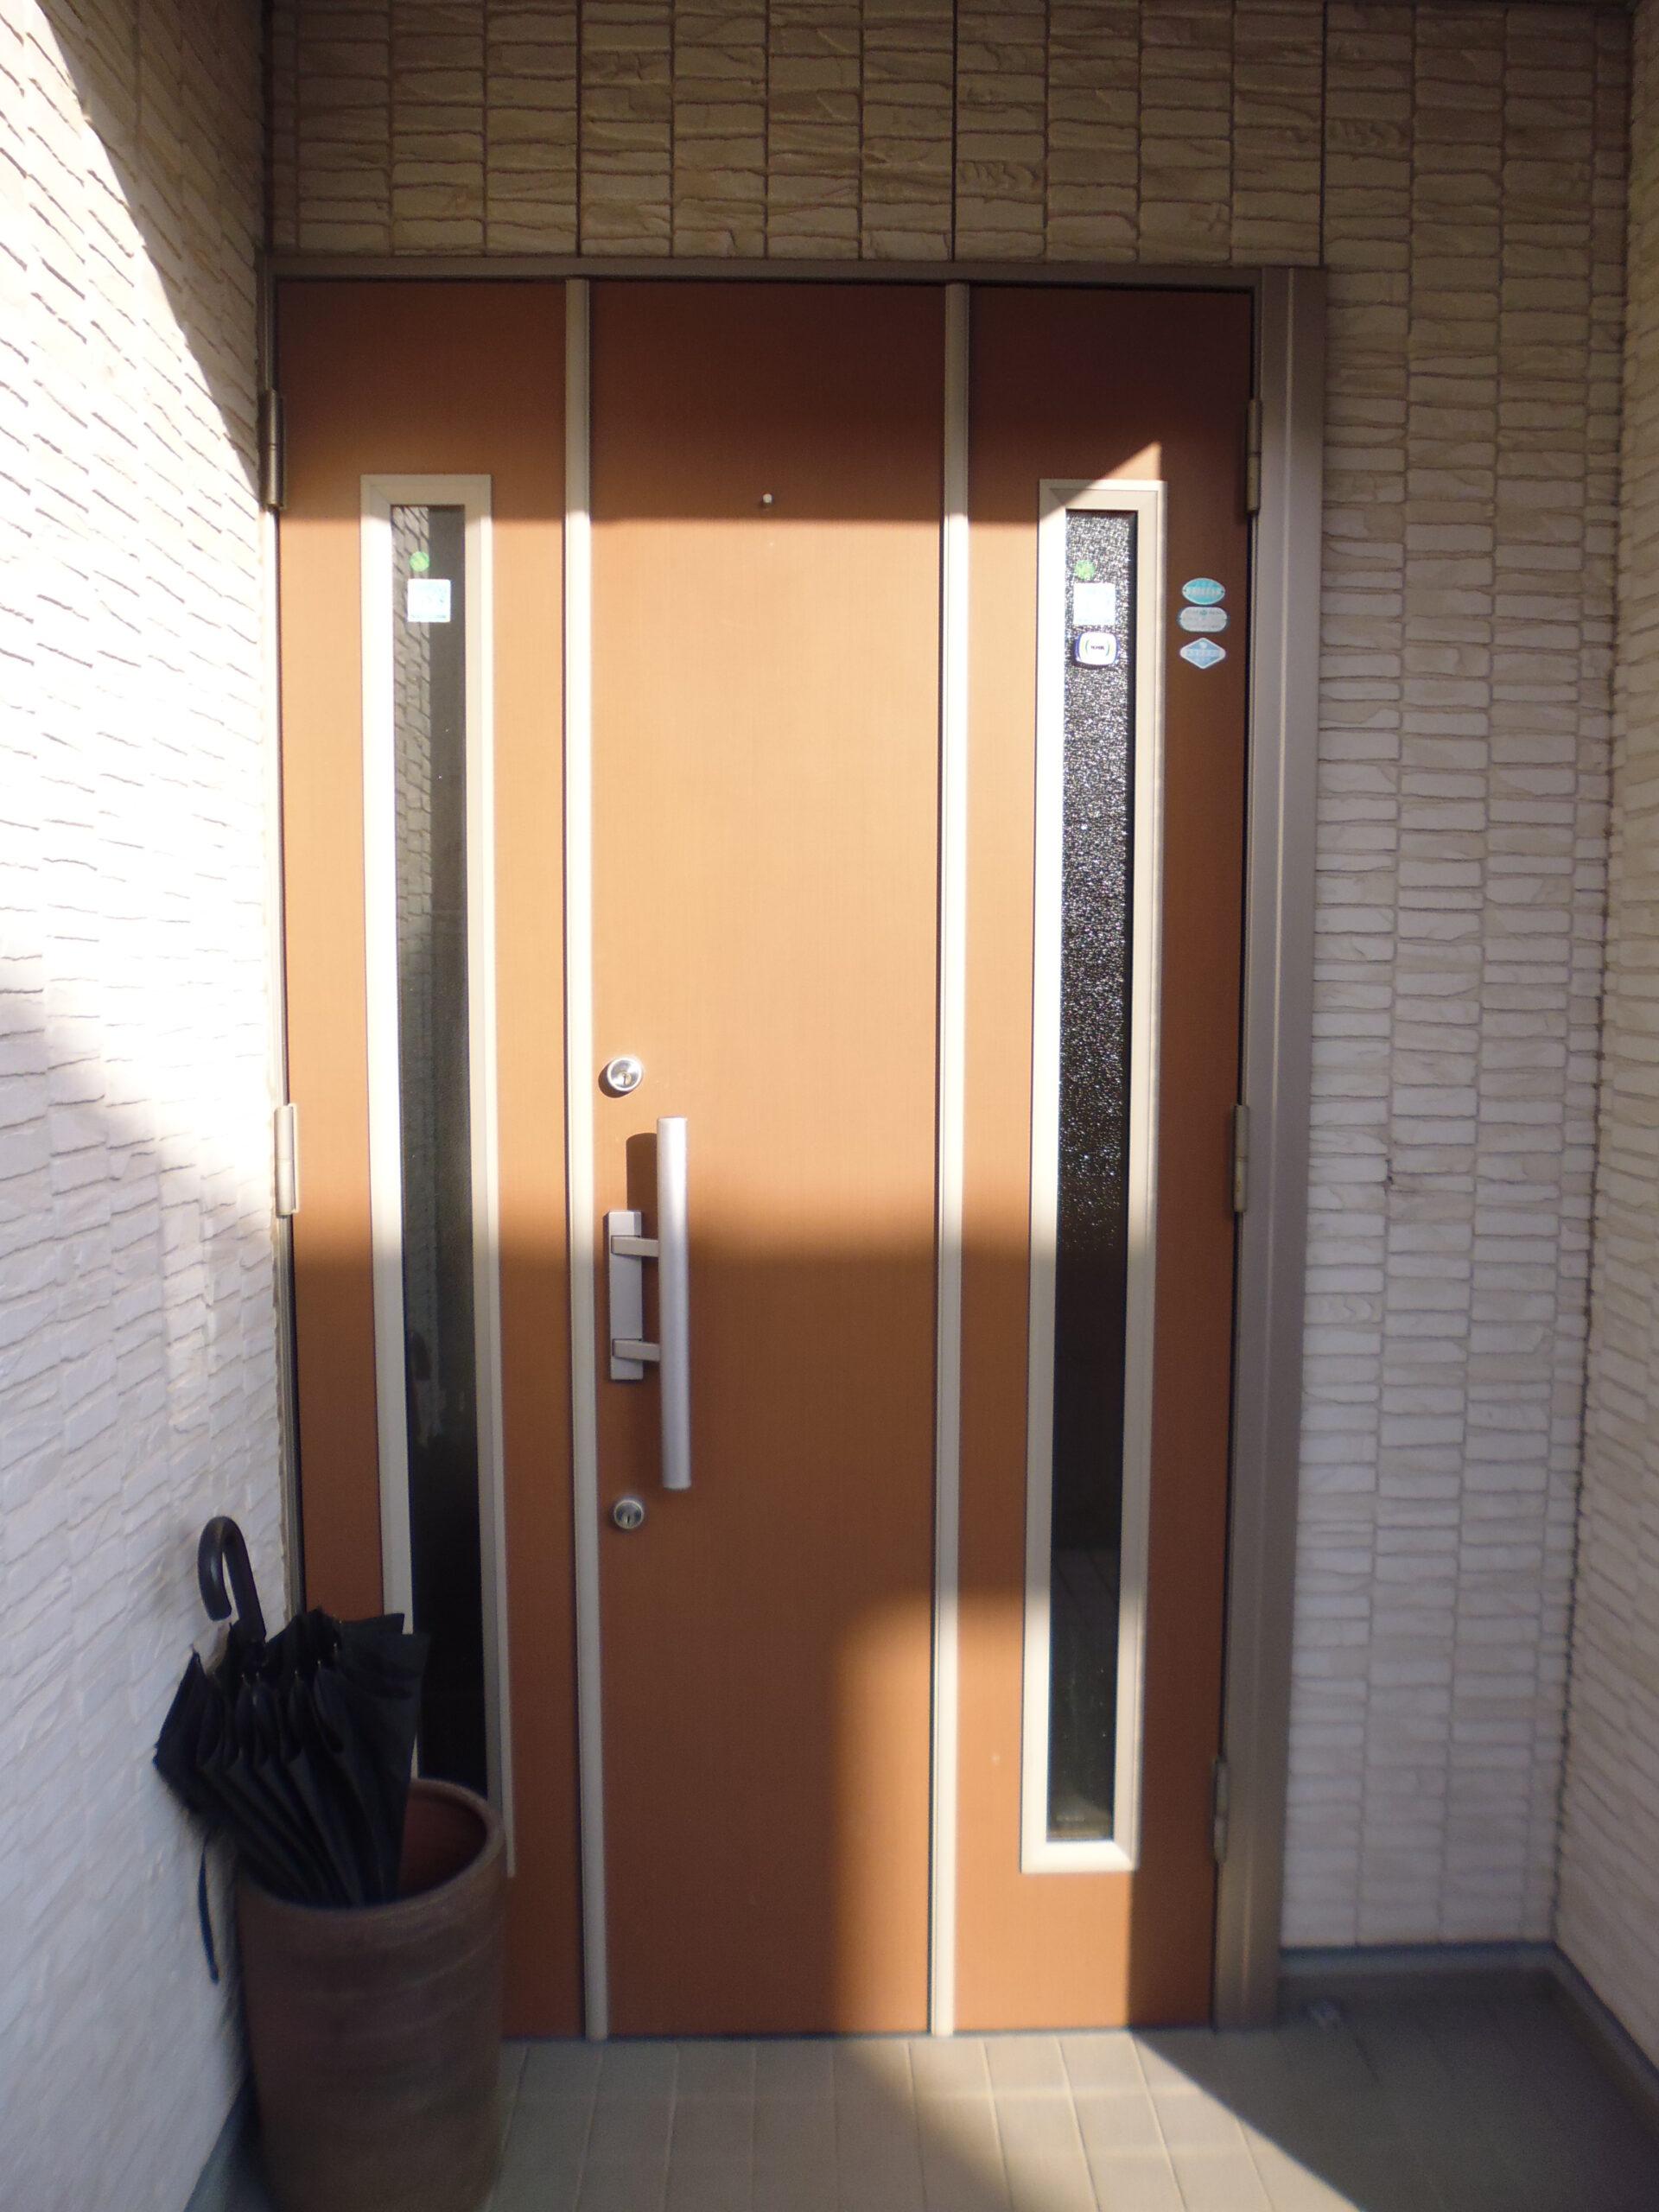 1日で完成!玄関ドア工事のご紹介page-visual 1日で完成!玄関ドア工事のご紹介ビジュアル